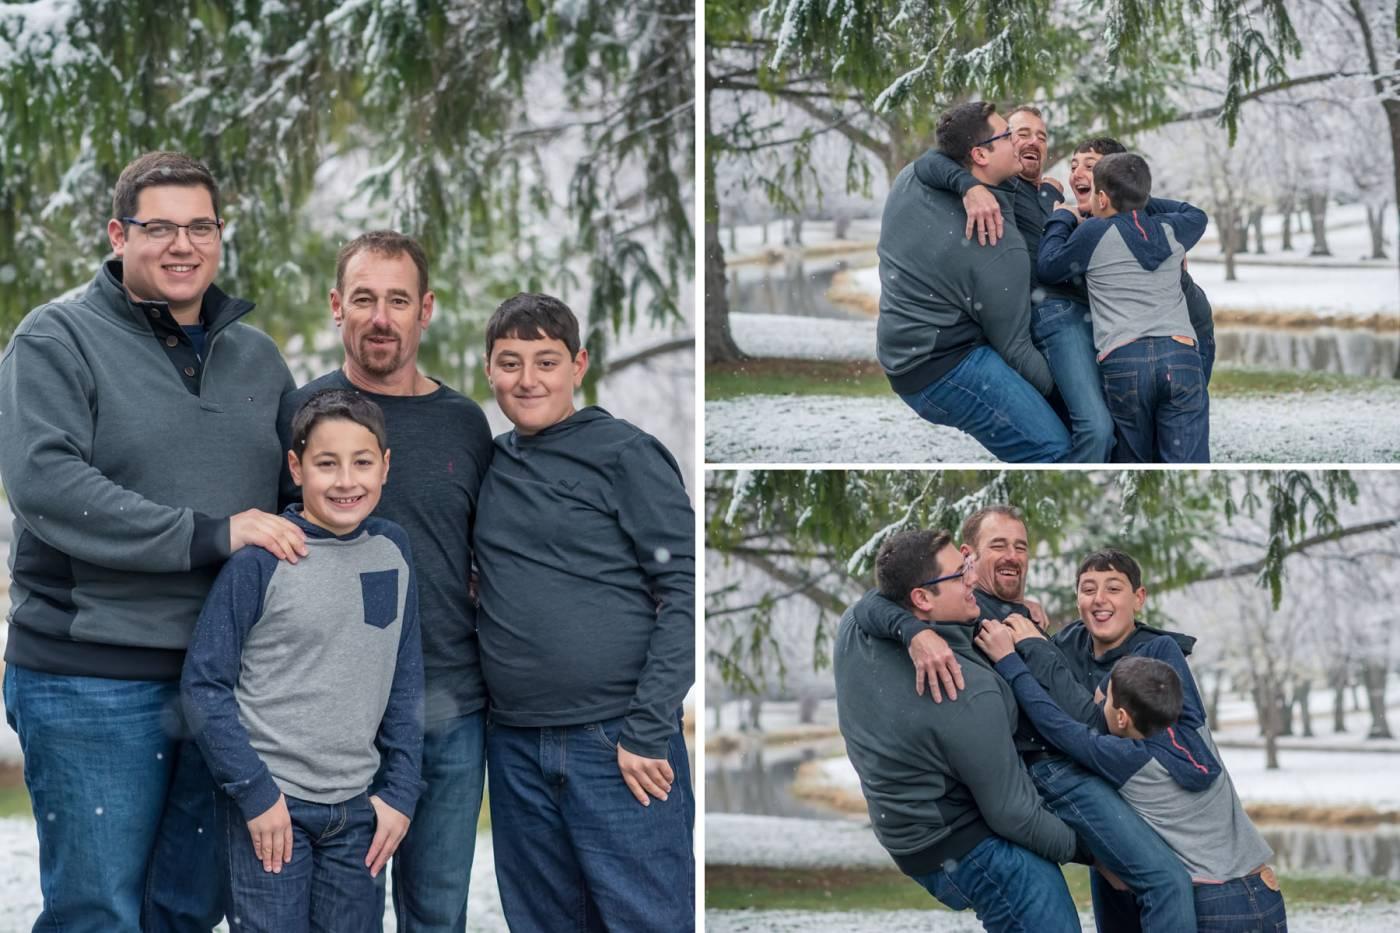 Tanya Sinnett Family Photographer Chatham